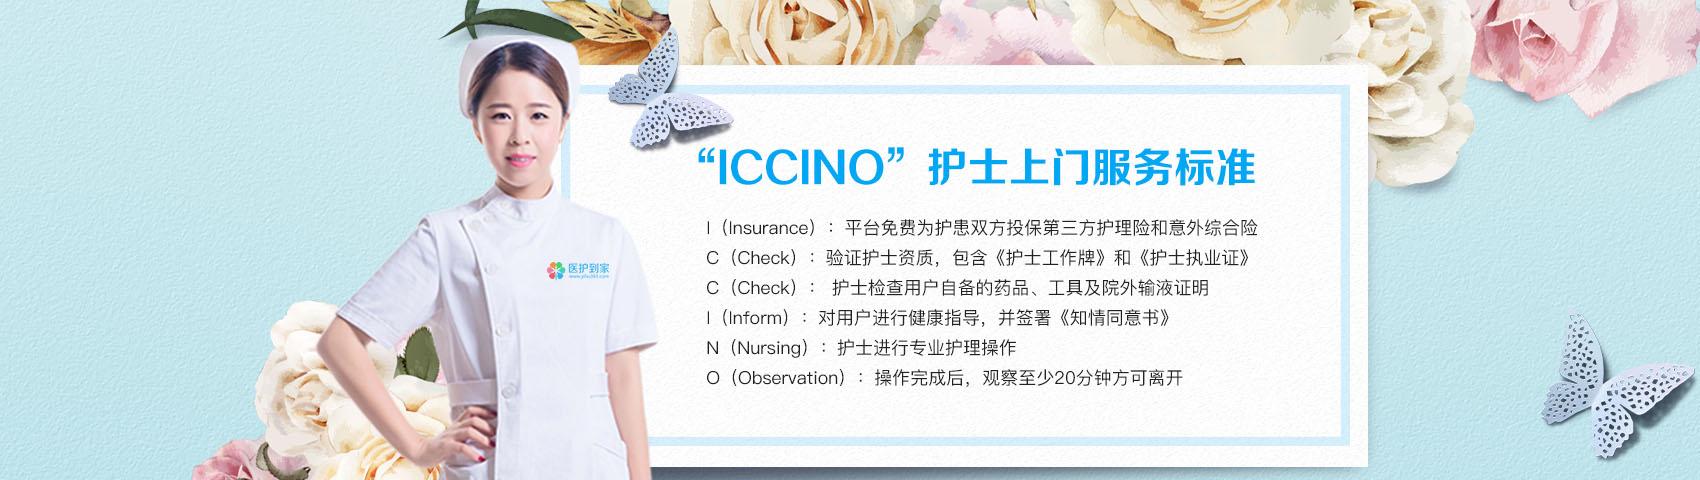 医护到家_护士上门服务标准_ICCINO